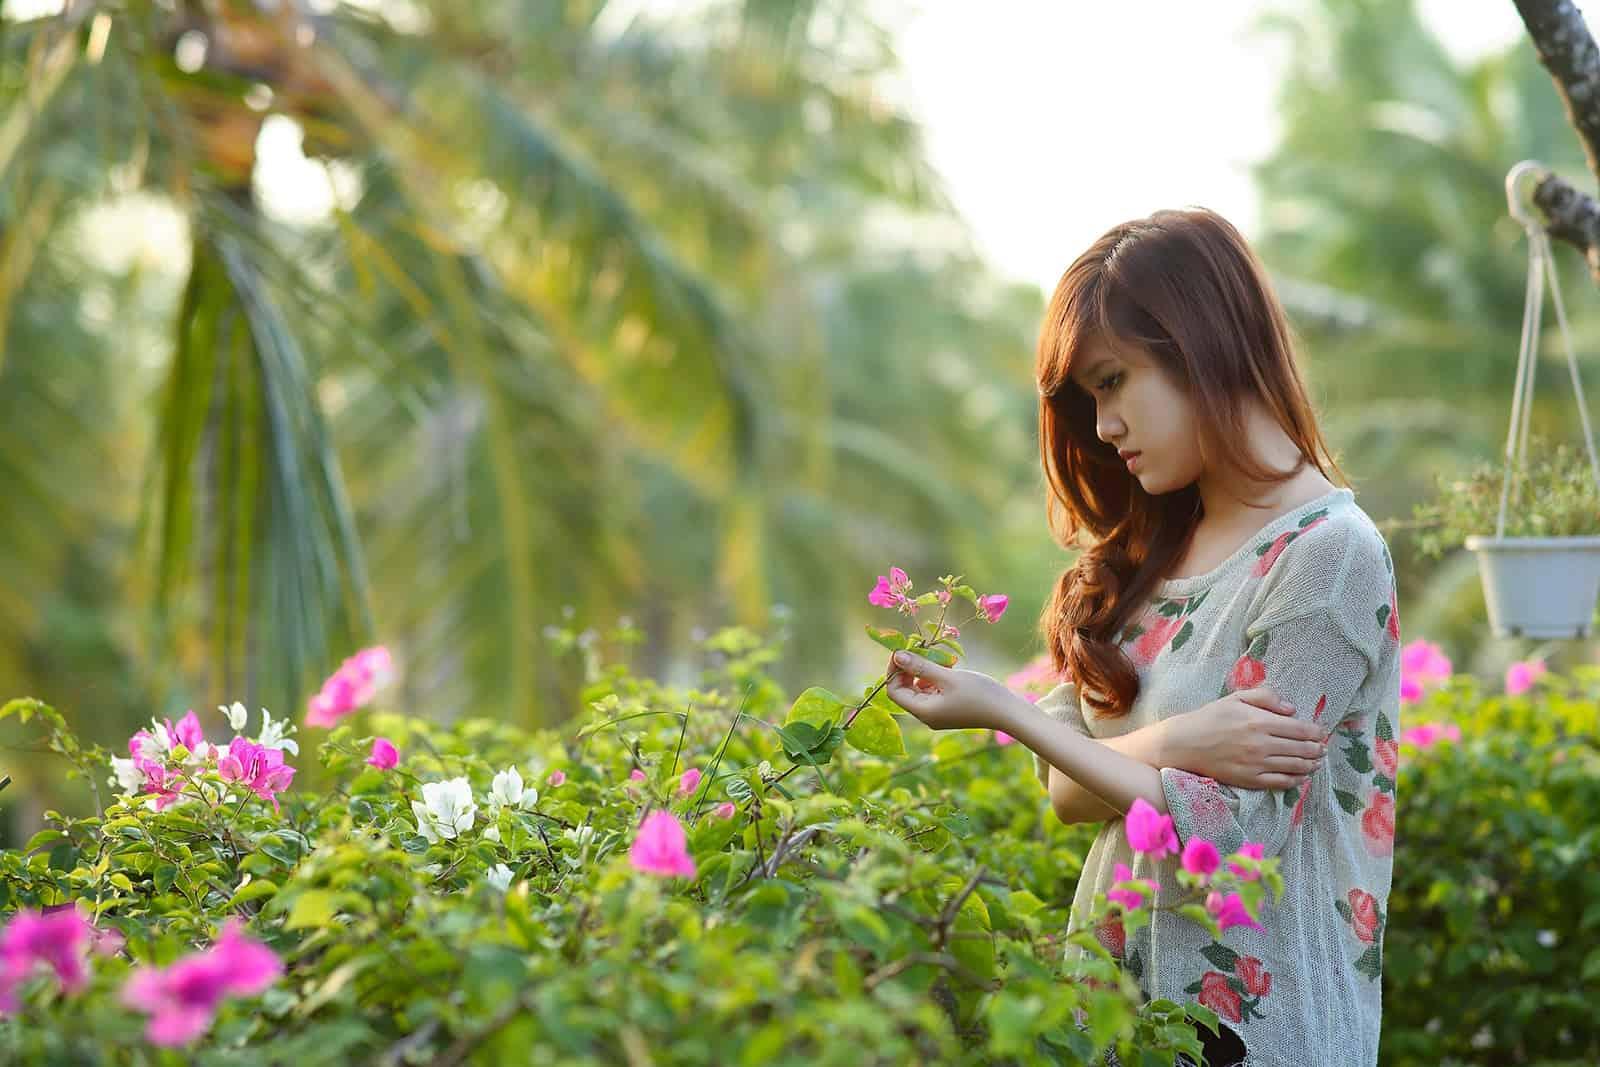 eine traurige Frau, die rosa Blumen berührt, die im Garten stehen